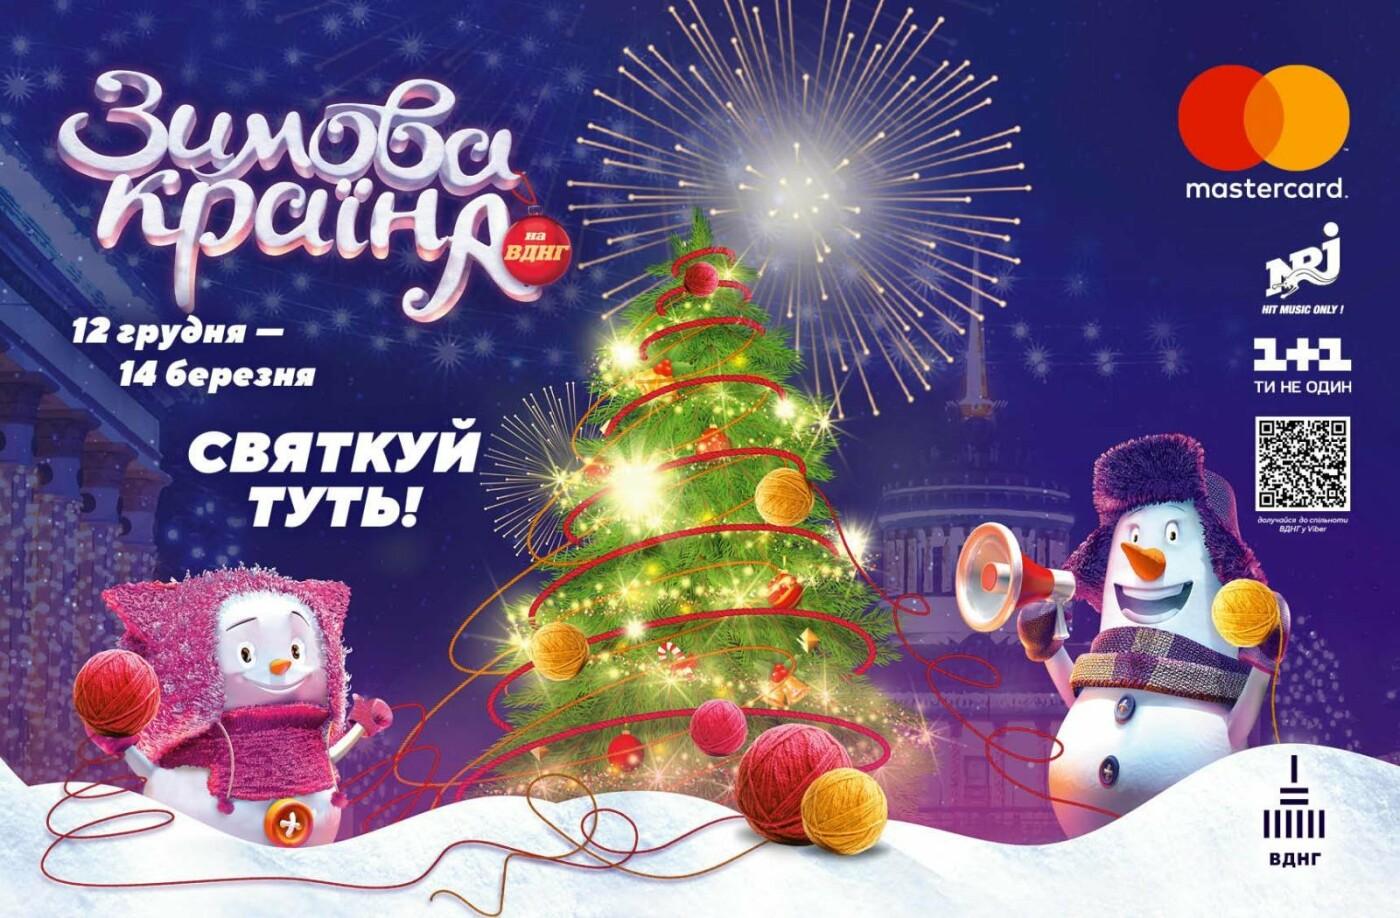 Куда сходить с детьми на новогодние праздники в Киеве?, фото-1